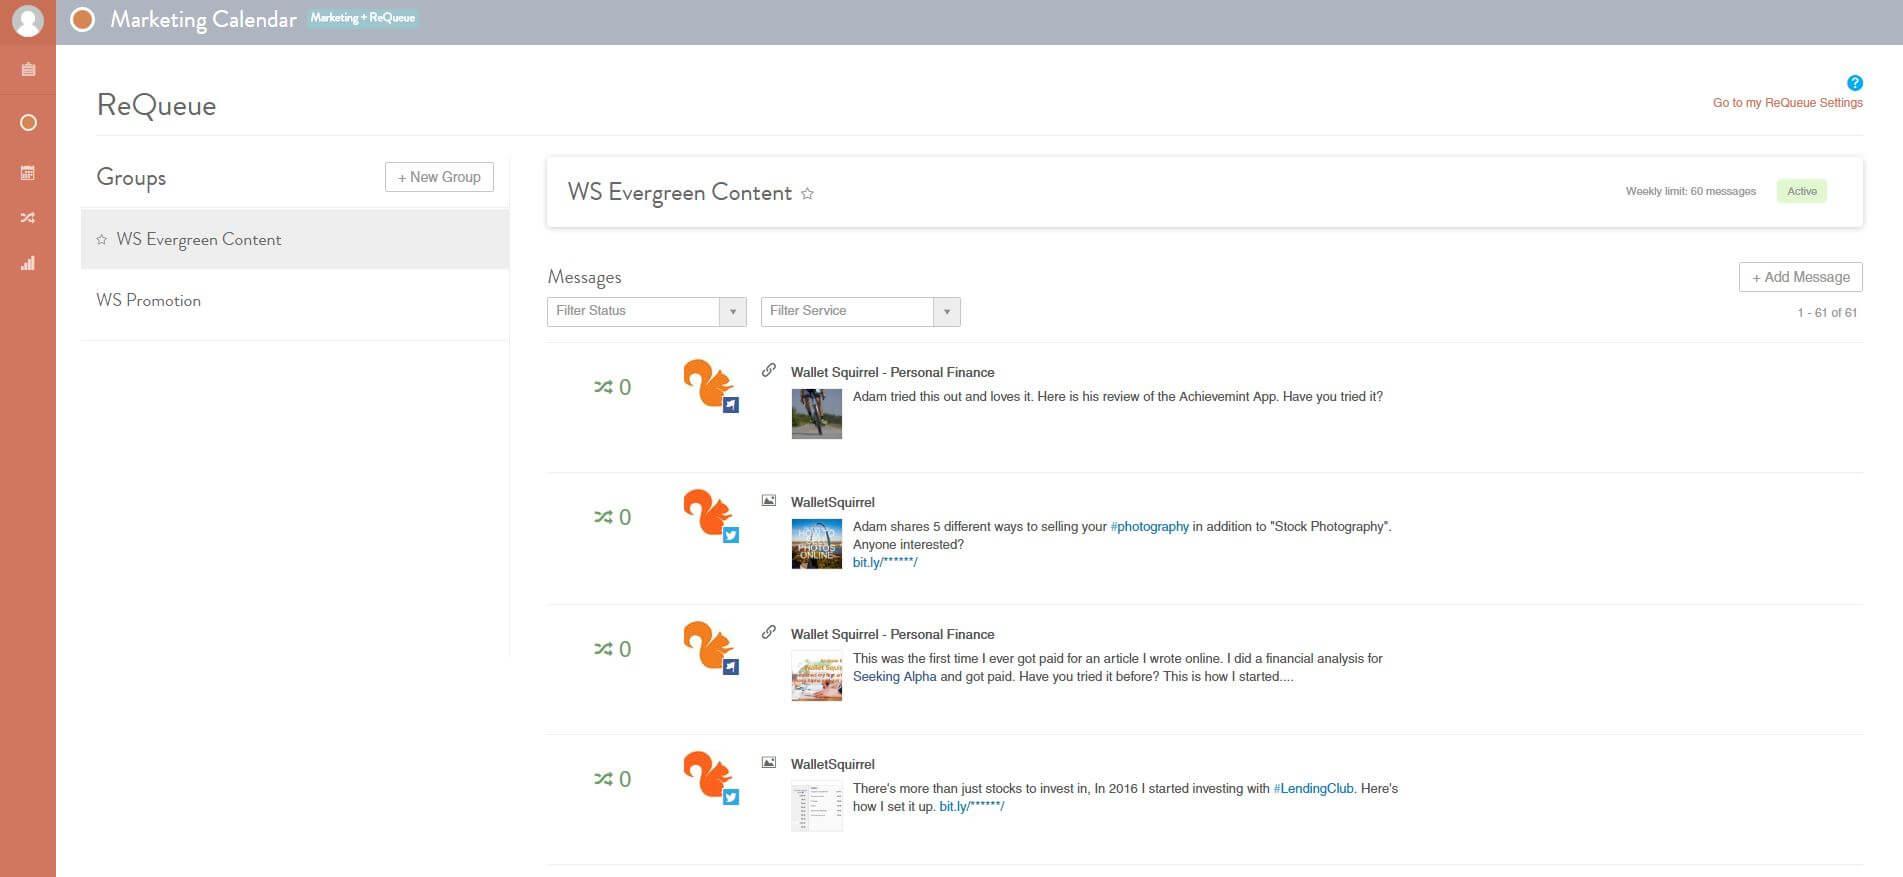 CoSchedule Review ReQueue Categories Screenshot